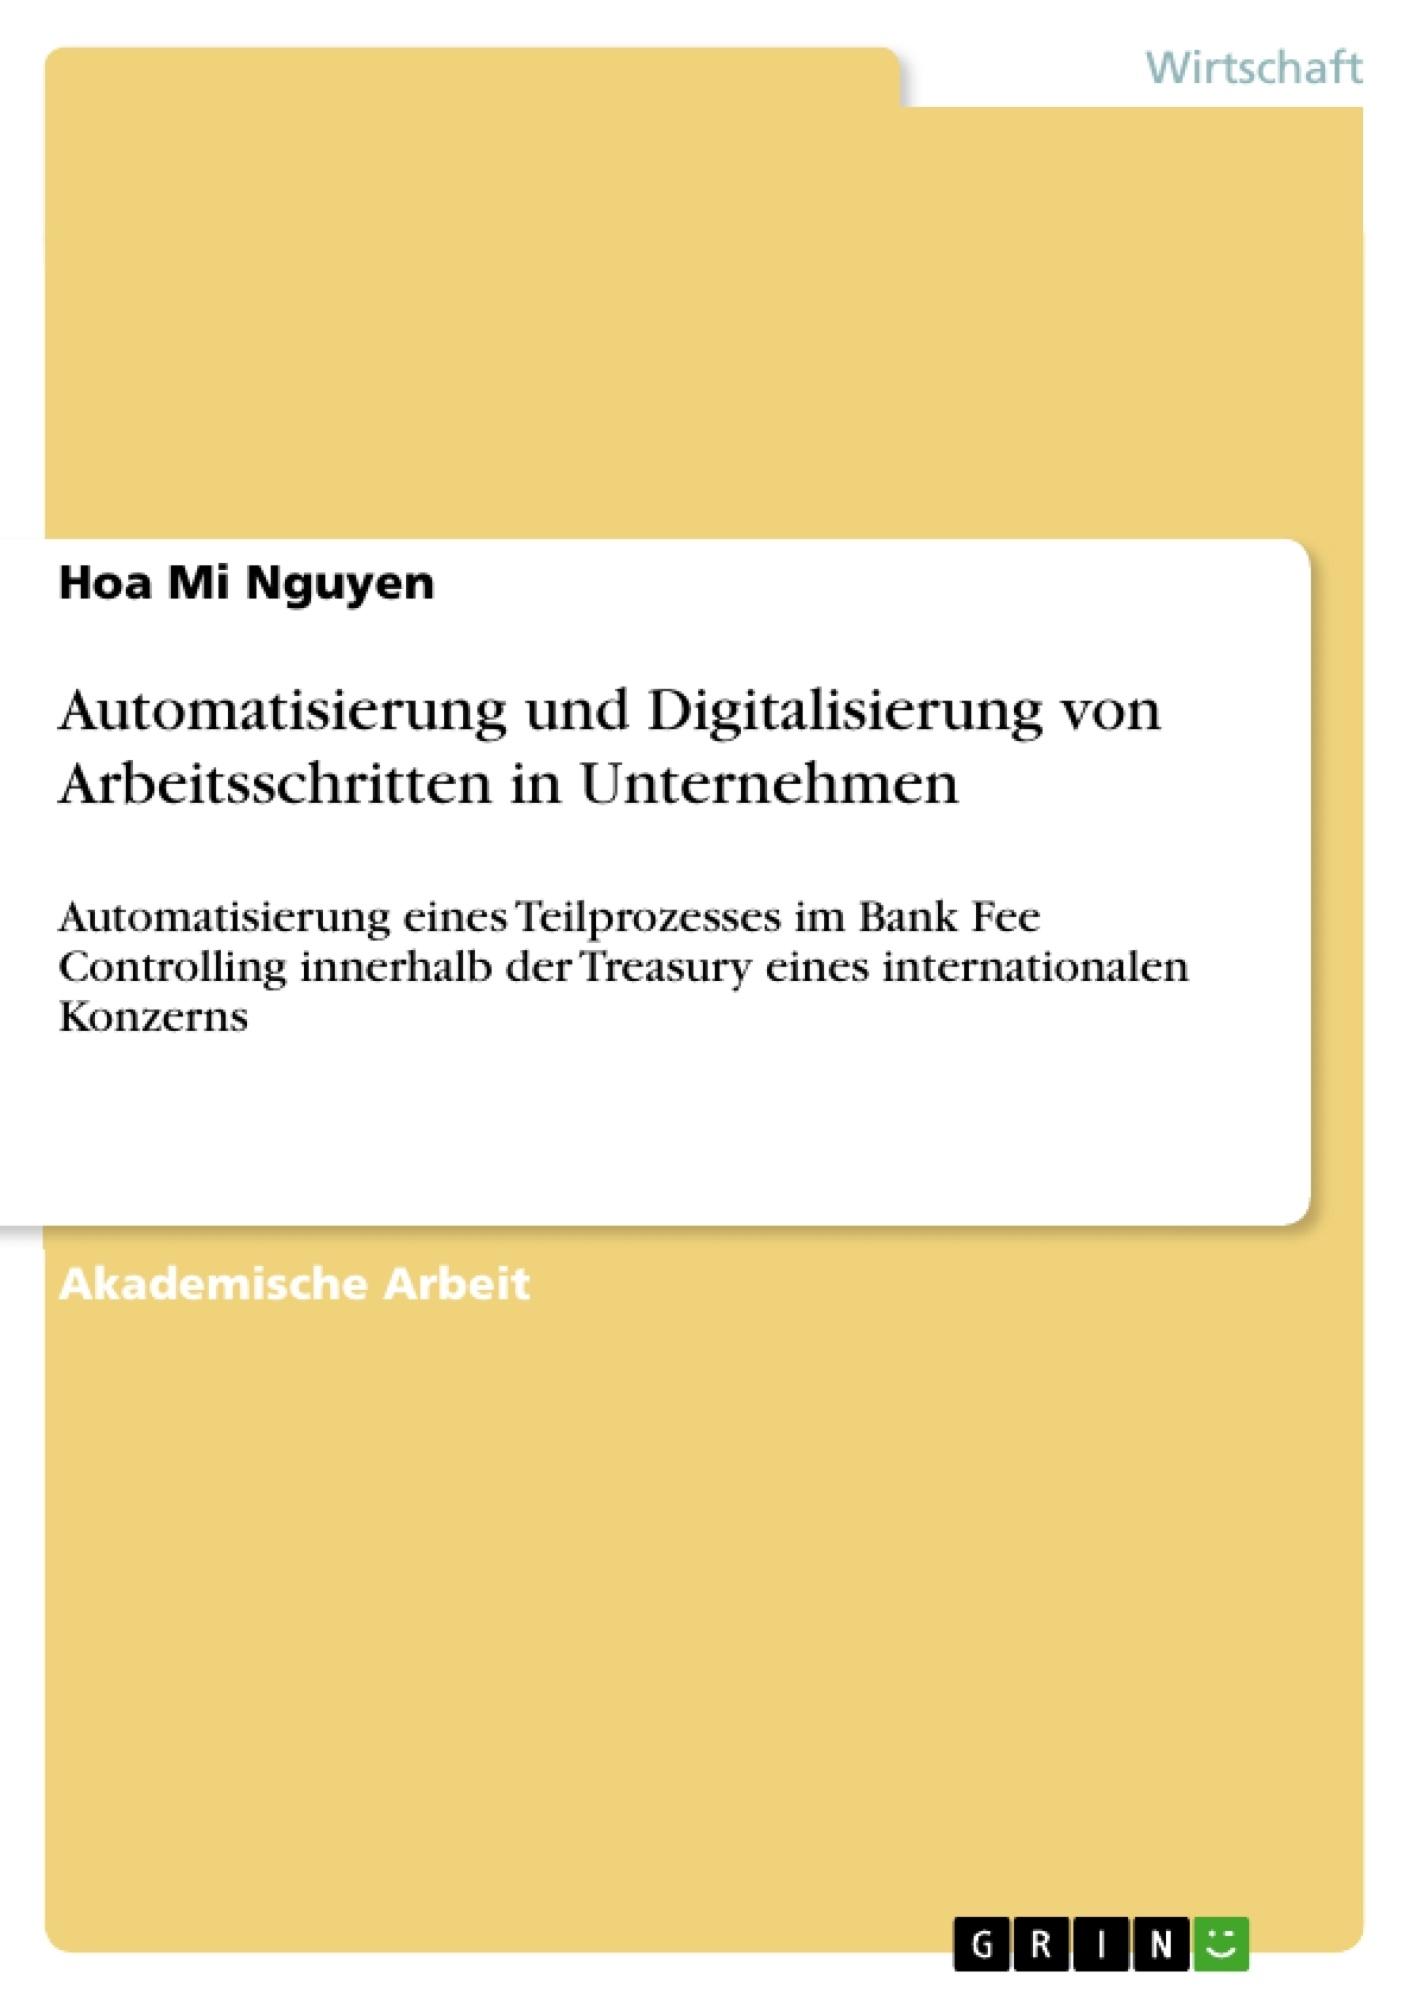 Titel: Automatisierung und Digitalisierung von Arbeitsschritten in Unternehmen